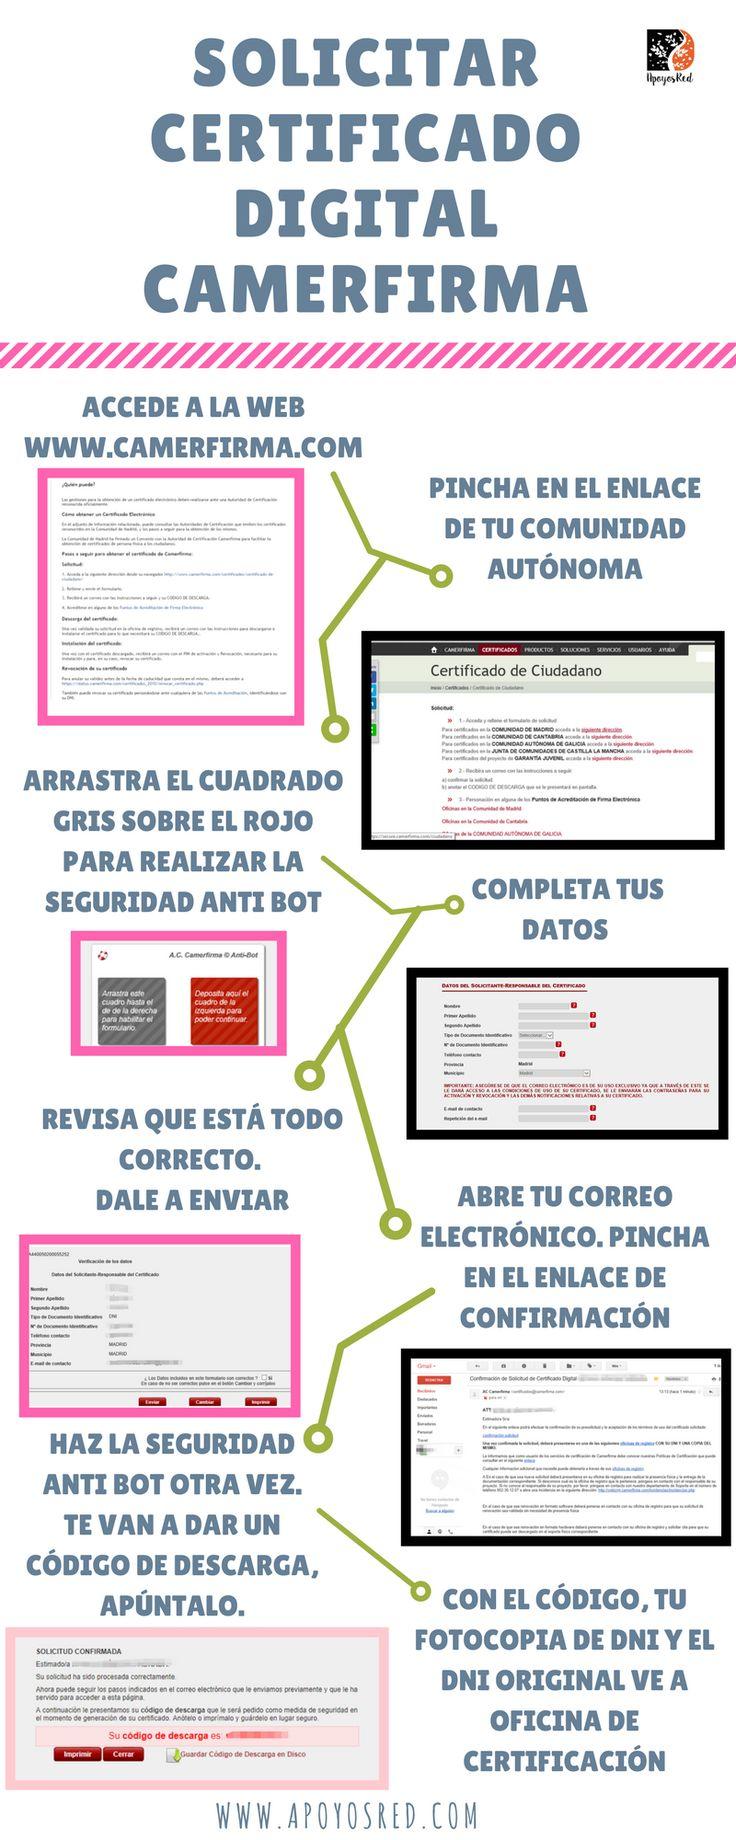 Descubre cómo solicitar un certificado camerfirma. Descarga en el apartado de trámites y gestiones de la comunidad, en #Apoyoalpapeleo